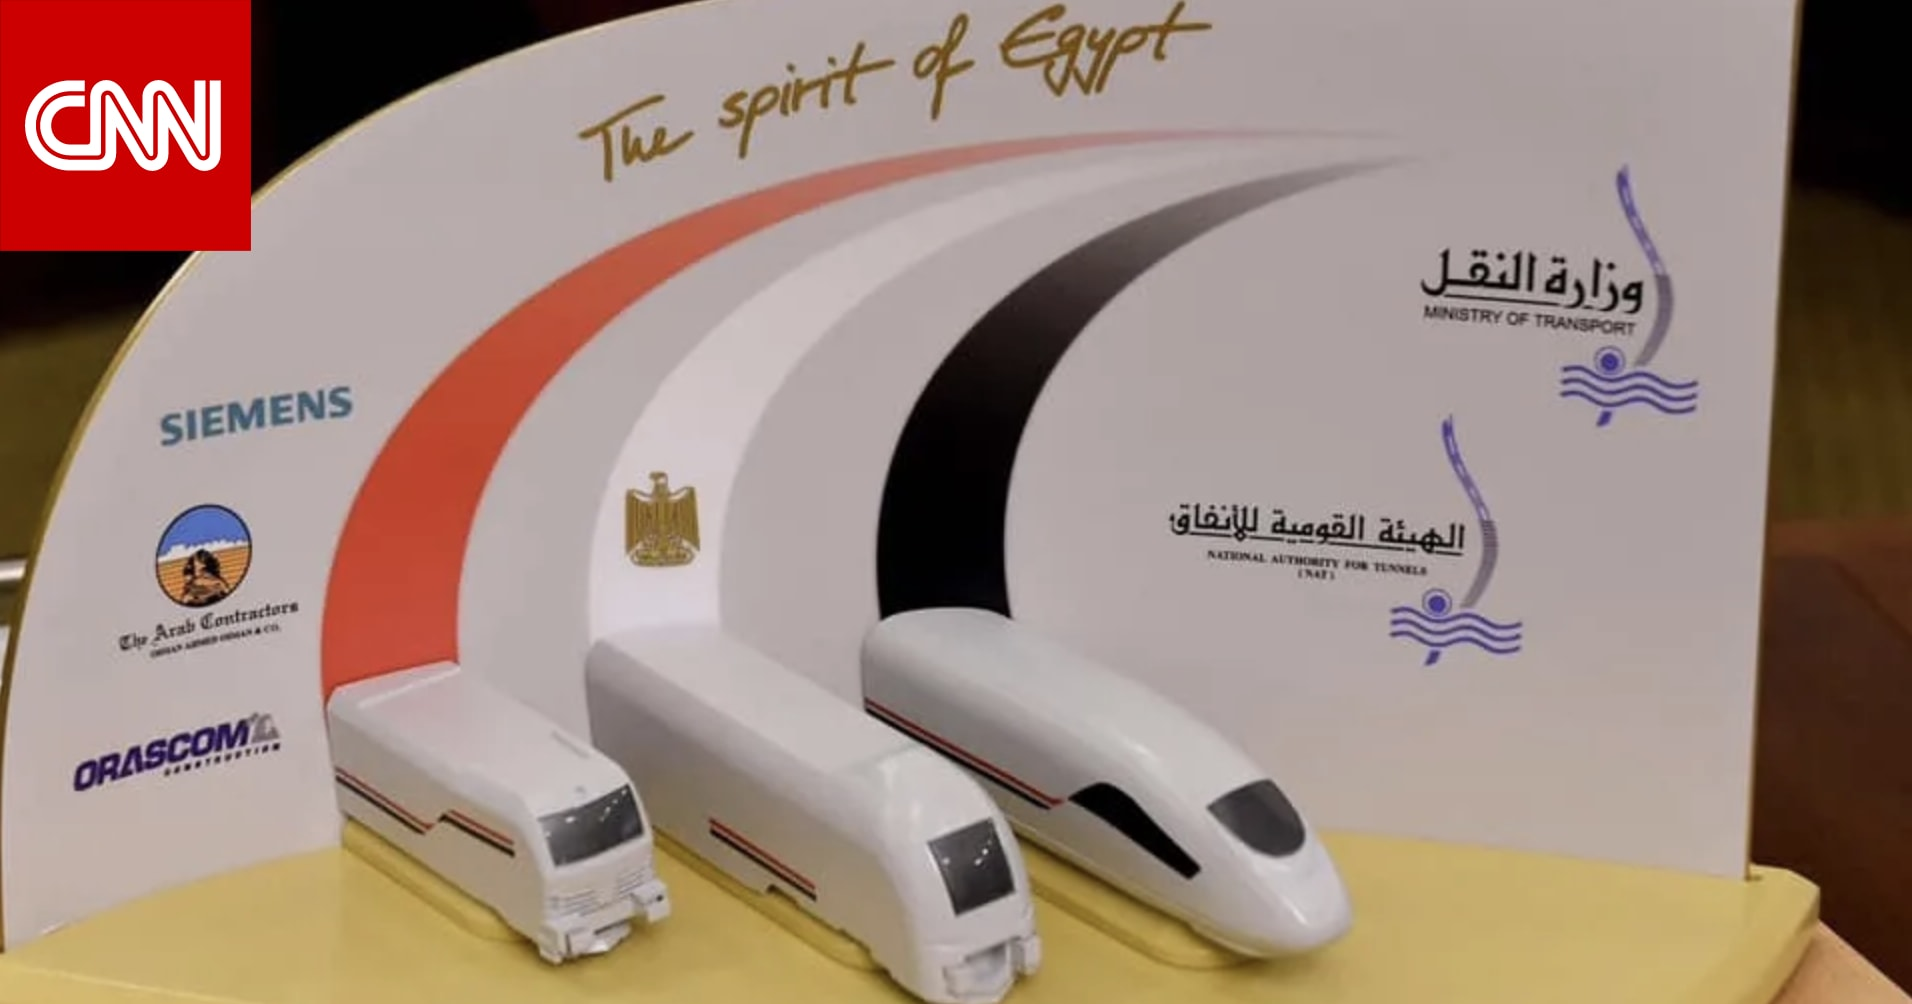 القطار السريع في مصر يوفر أكثر من 15 ألف فرصة عمل.. هذه خصائصه